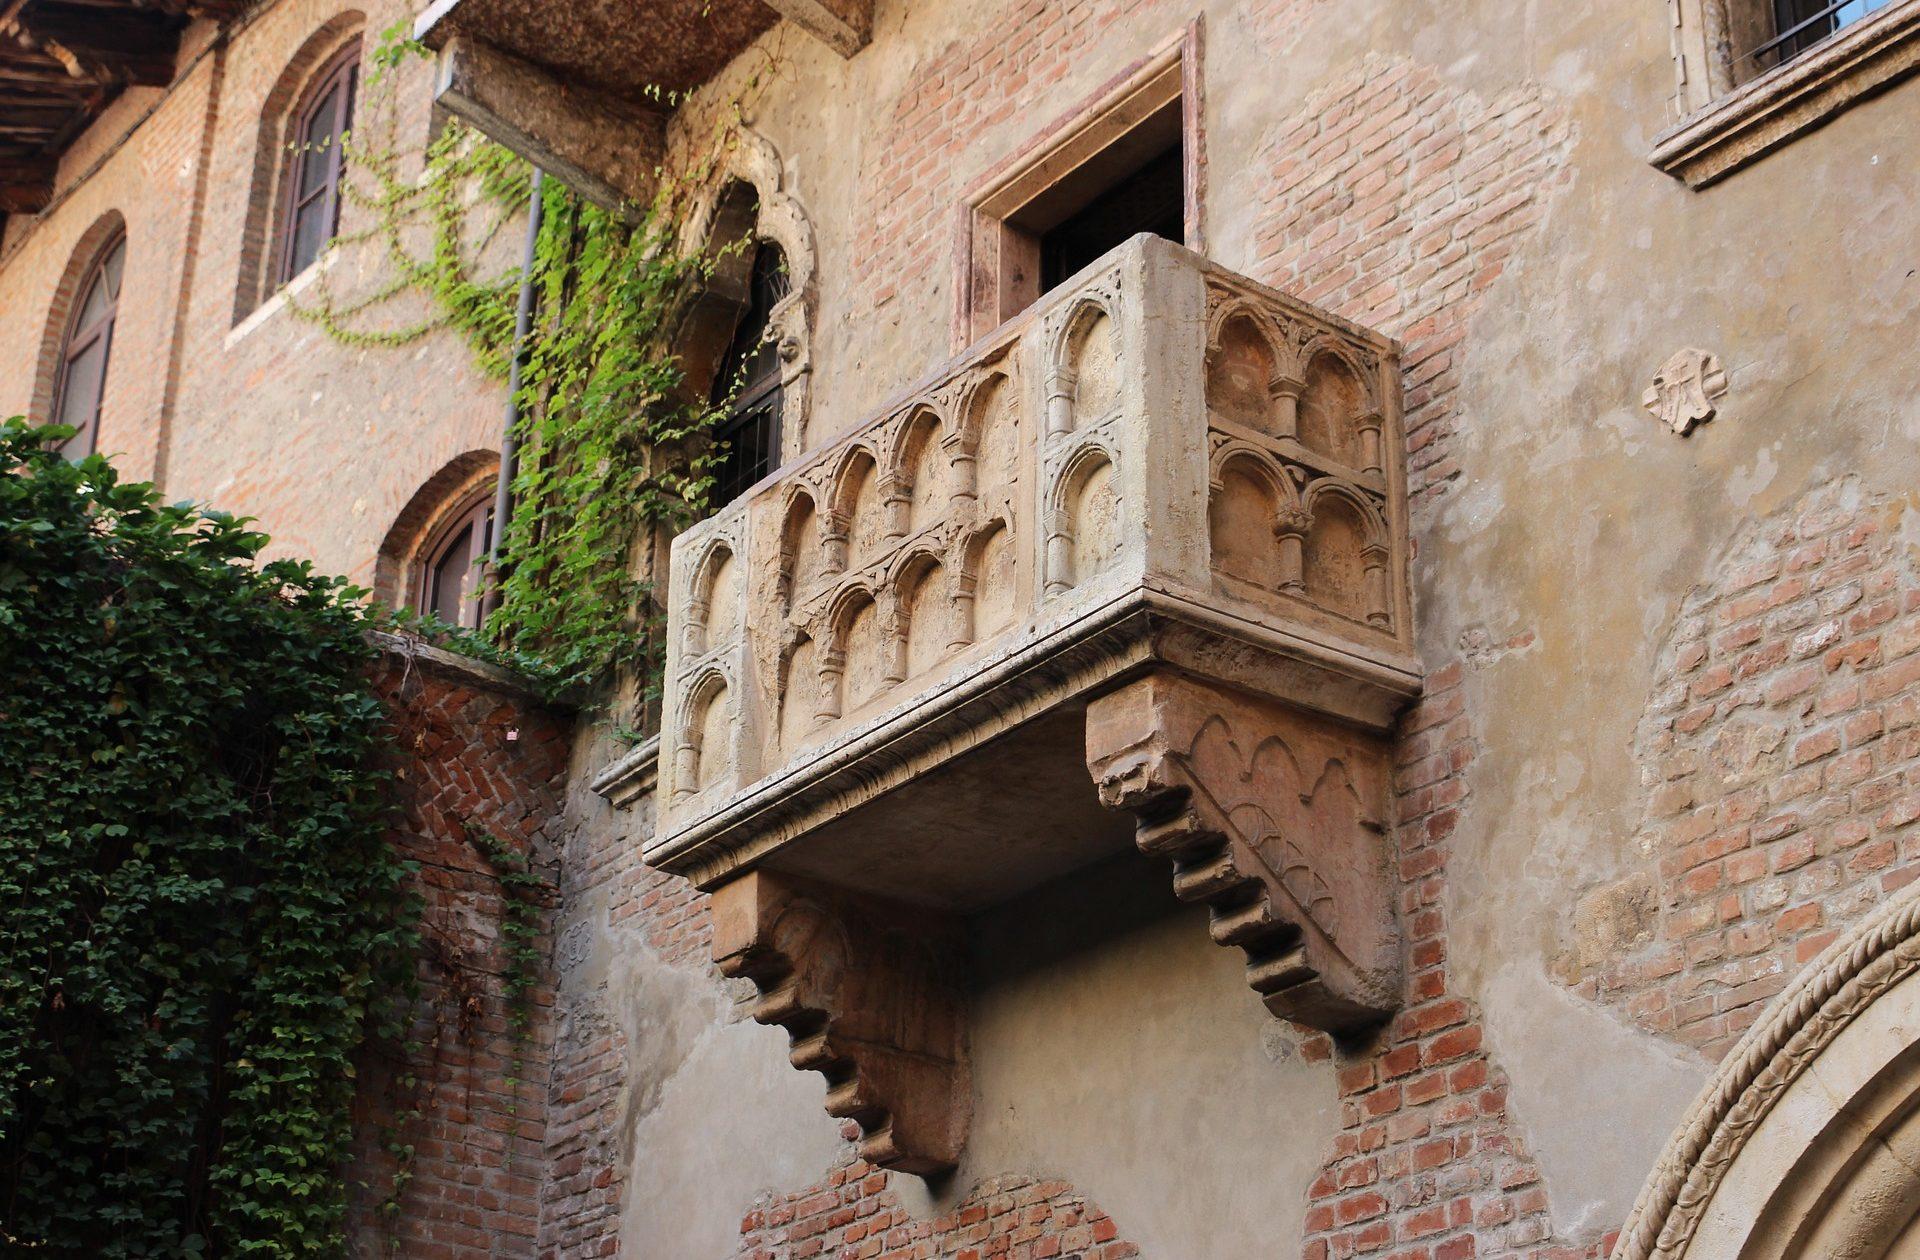 romeo-giulietta-balcony